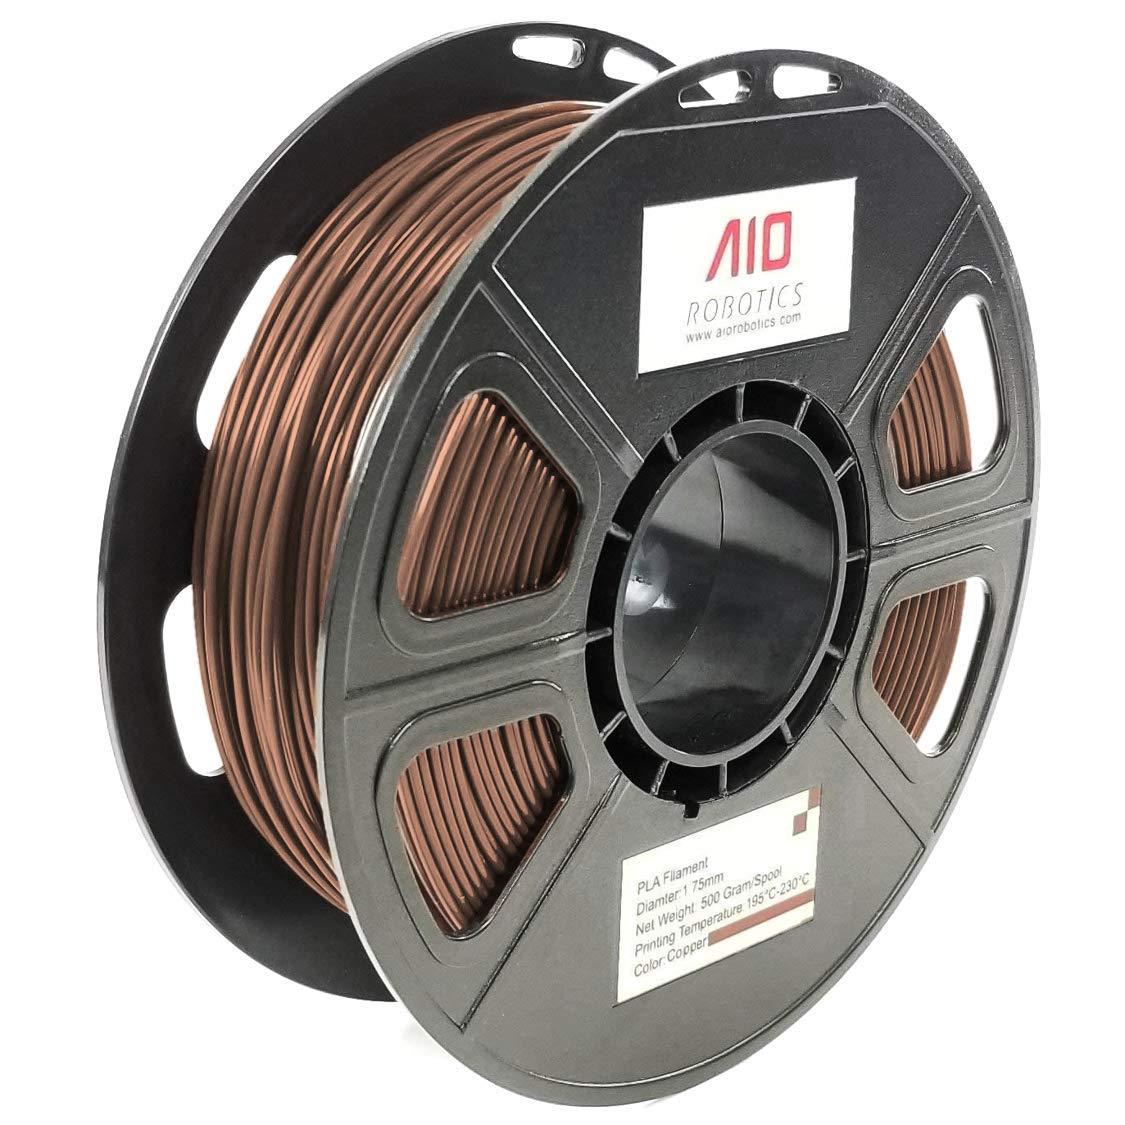 AIO Robotics - Filamento para impresora 3D (bobina de 0,5 kg ...